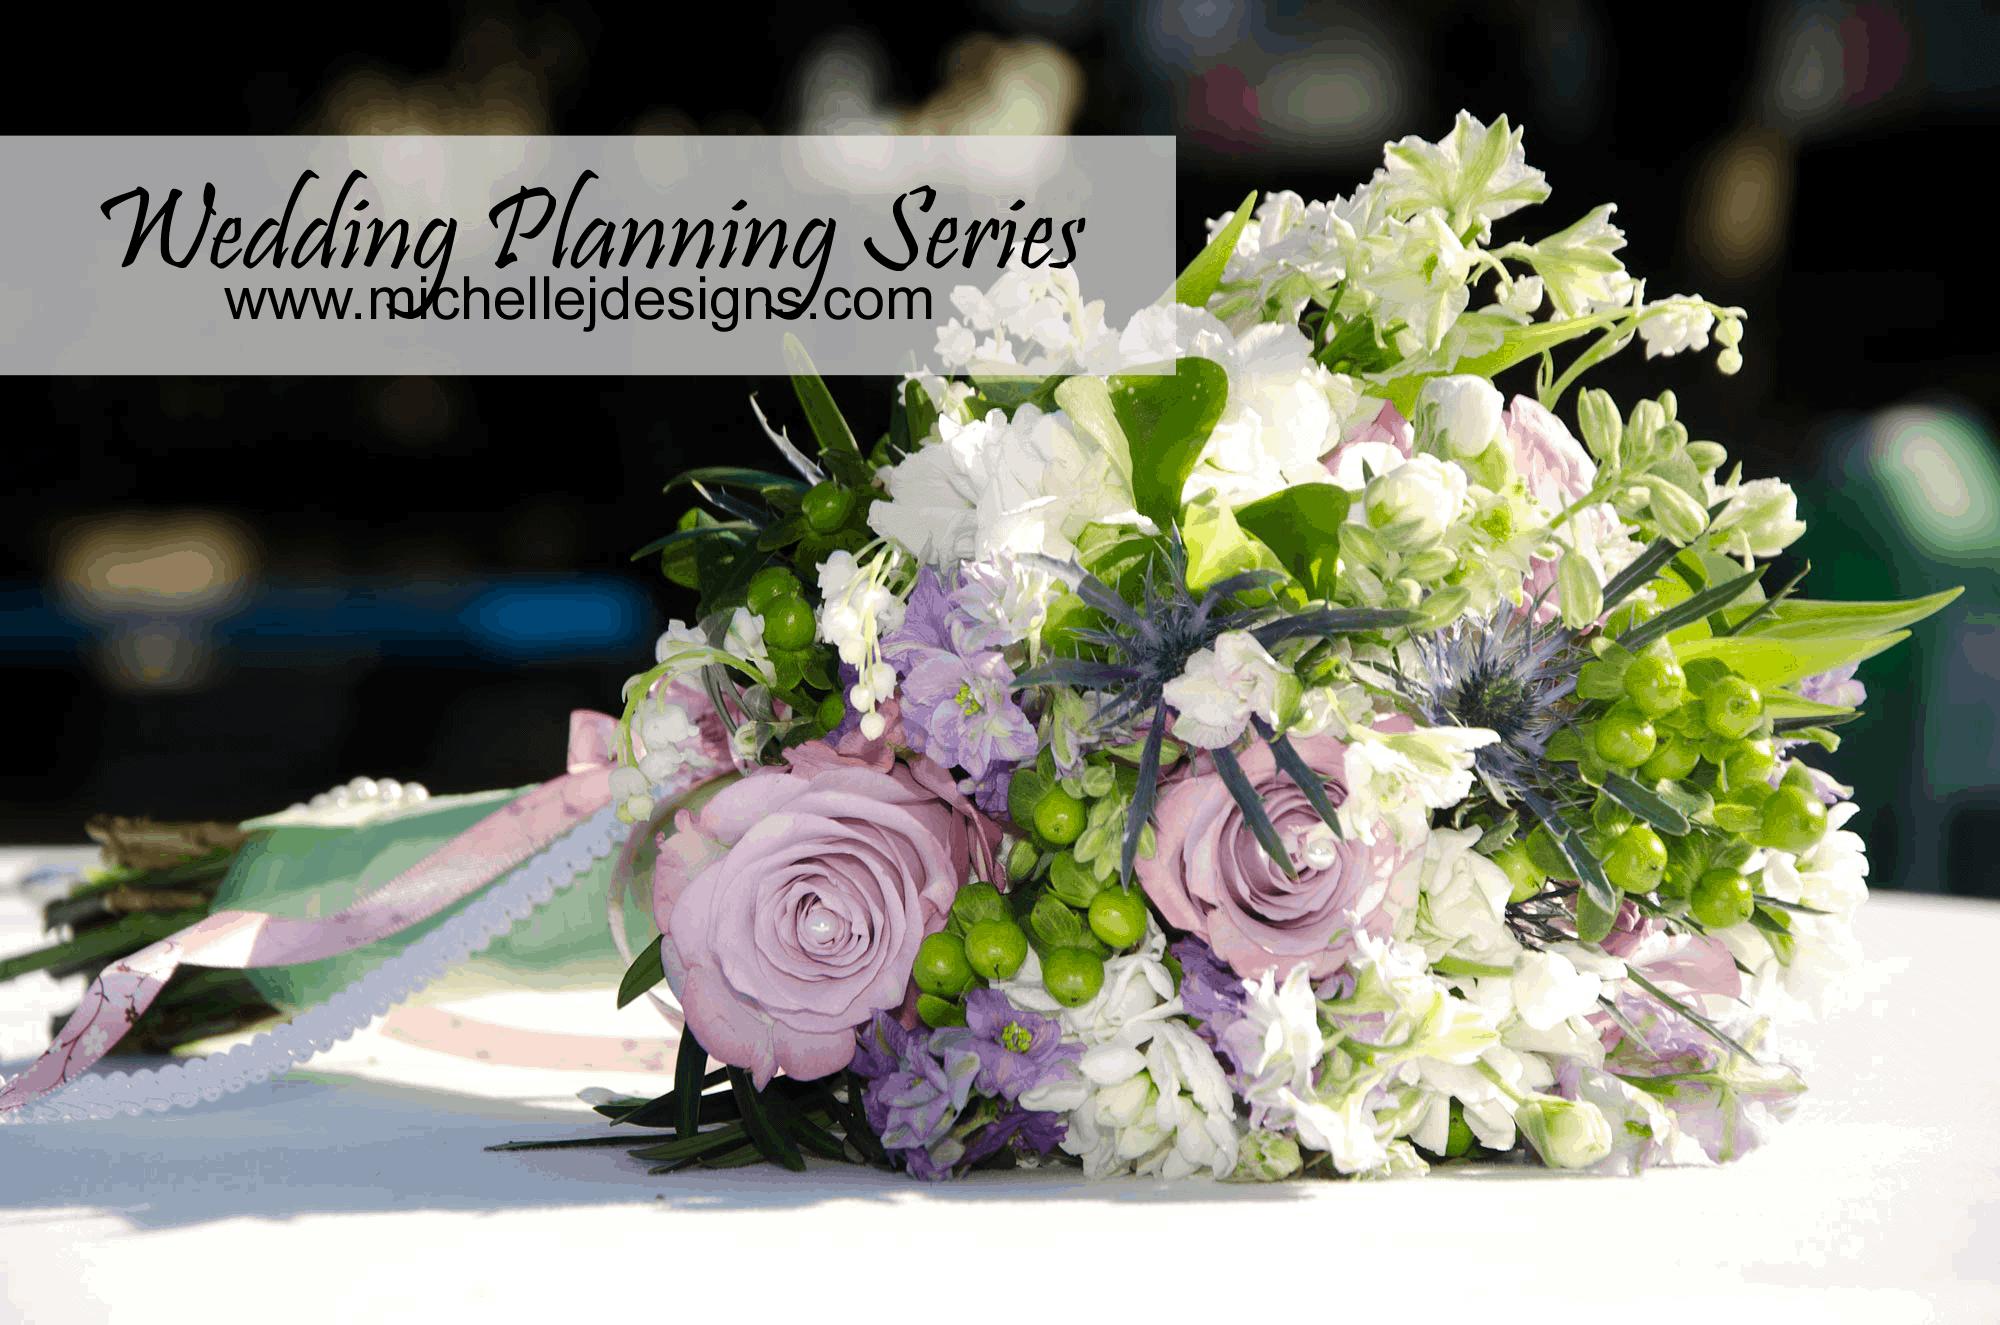 Wedding Websites - Wedding Planning Series Part 1 | Michelle James ...